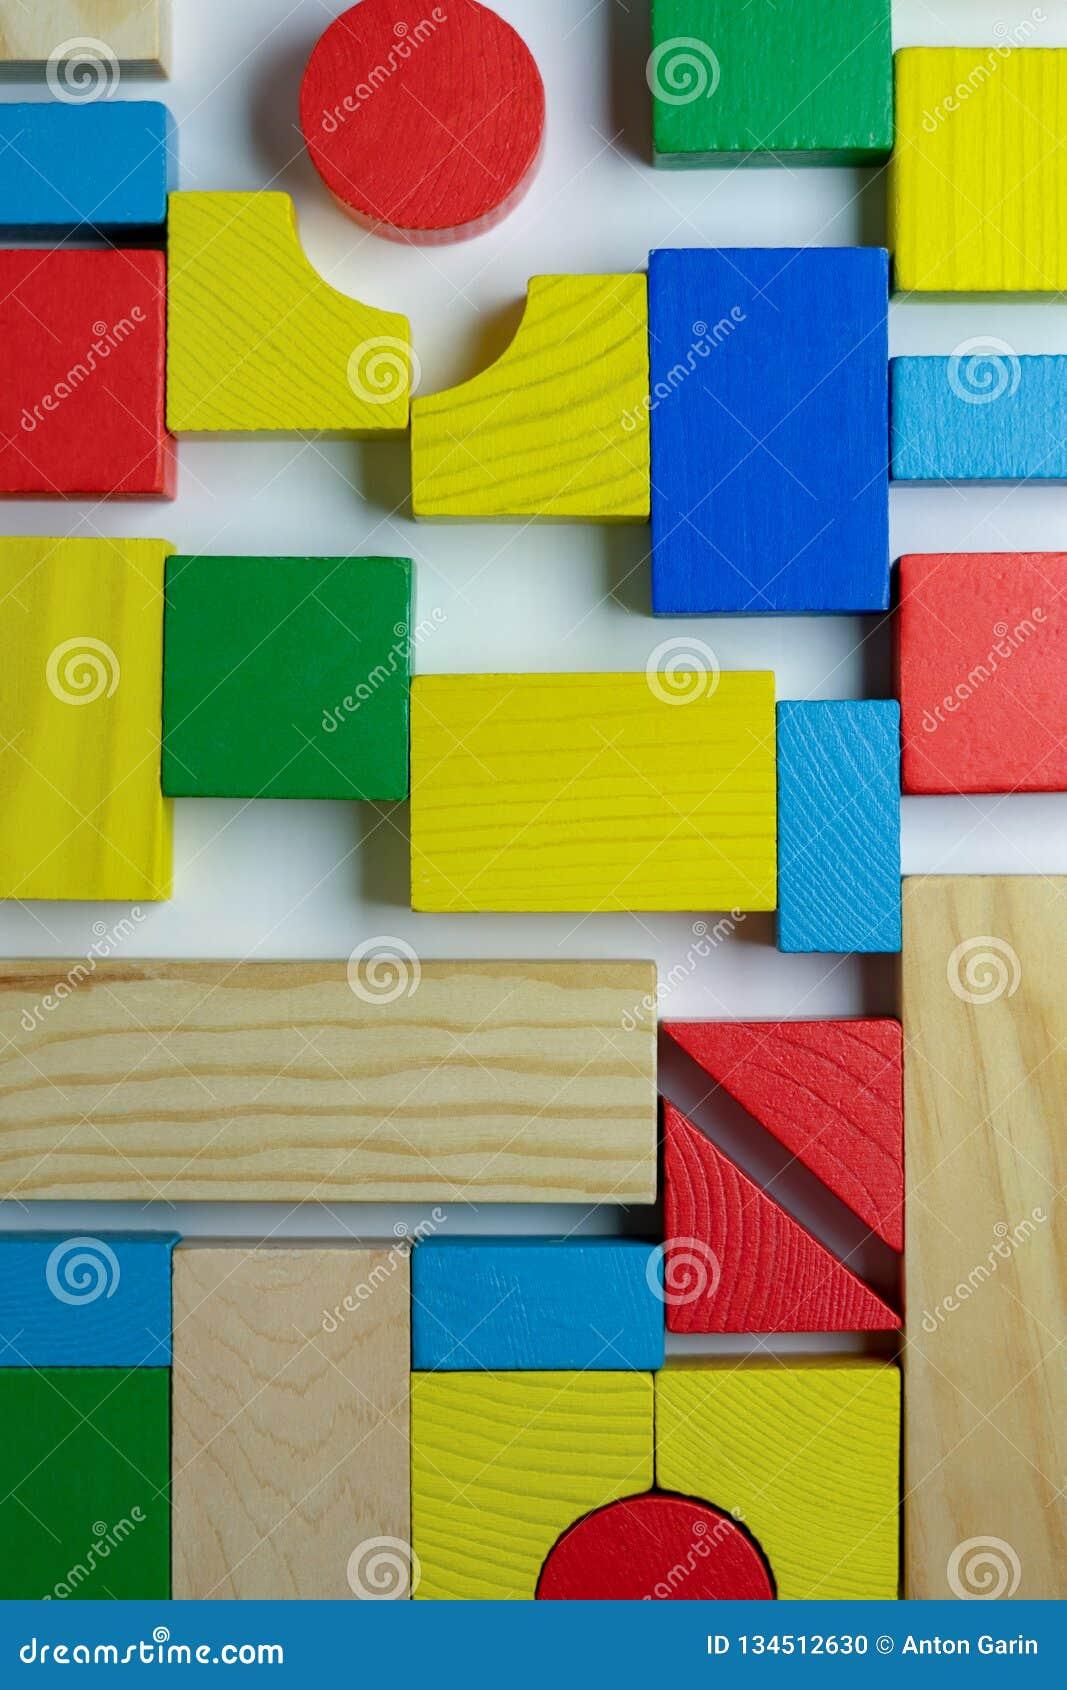 Arrangement of different colorful building bricks